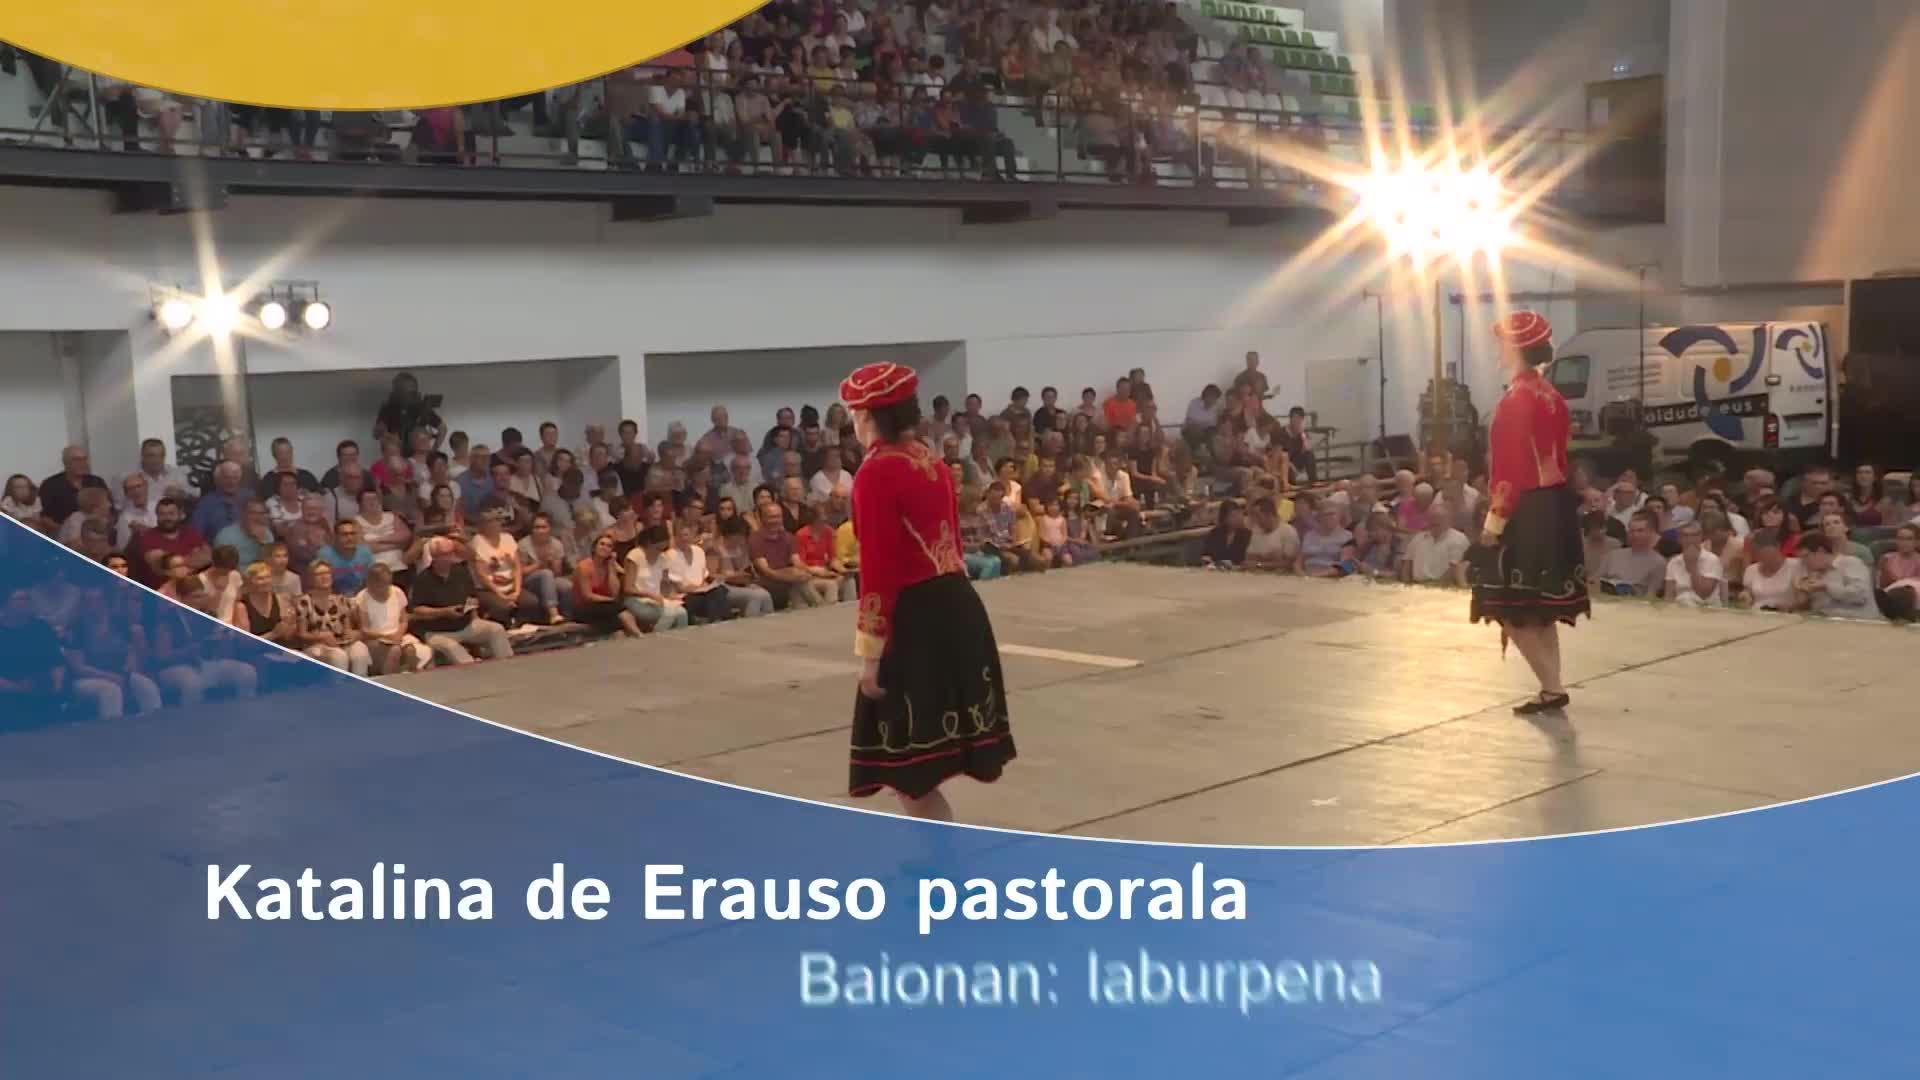 Katalina de Erauso pastorala Baionan: laburpena